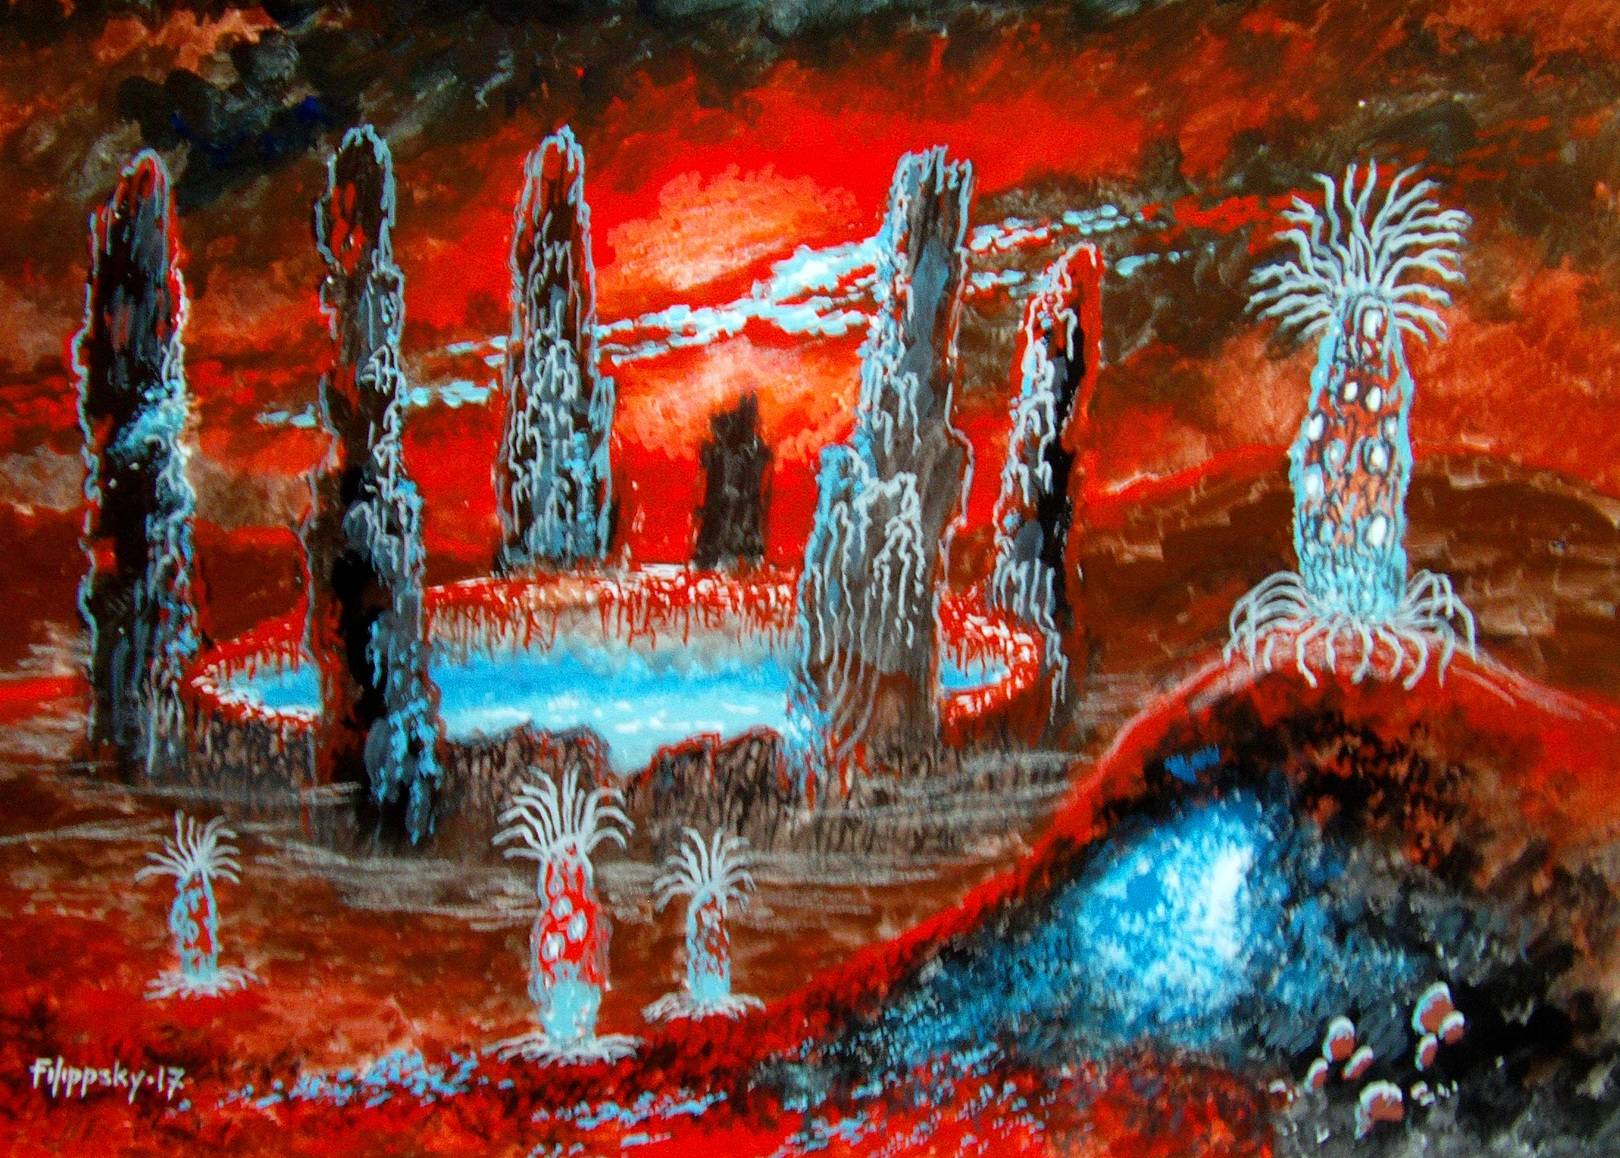 Звезда Каптейна-древнейший красный карлик в окрестностях Солнца,где-то около 13 миллиардов лет.